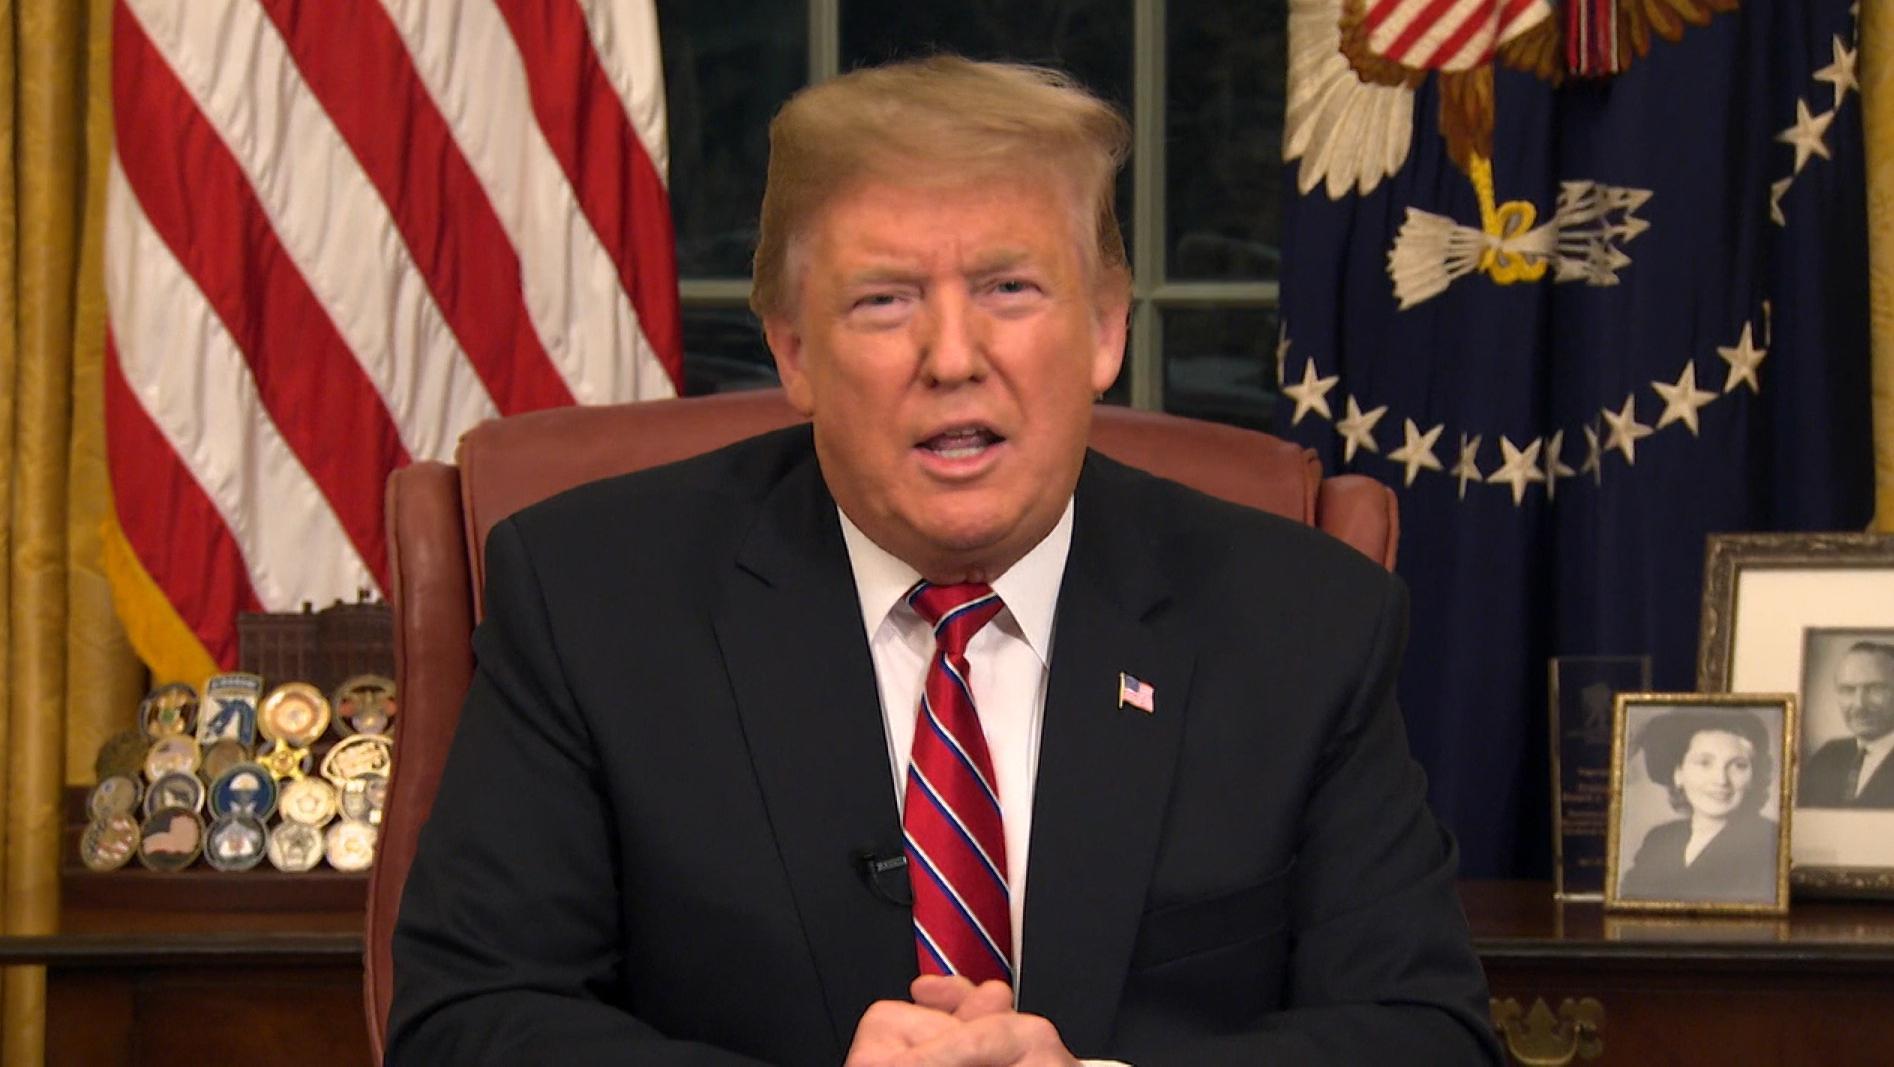 Im Streit um eine Grenzmauer zu Mexiko hat US-Präsident Trump zur Nation gesprochen. Die Demokraten werfen ihm Falschinformation vor.